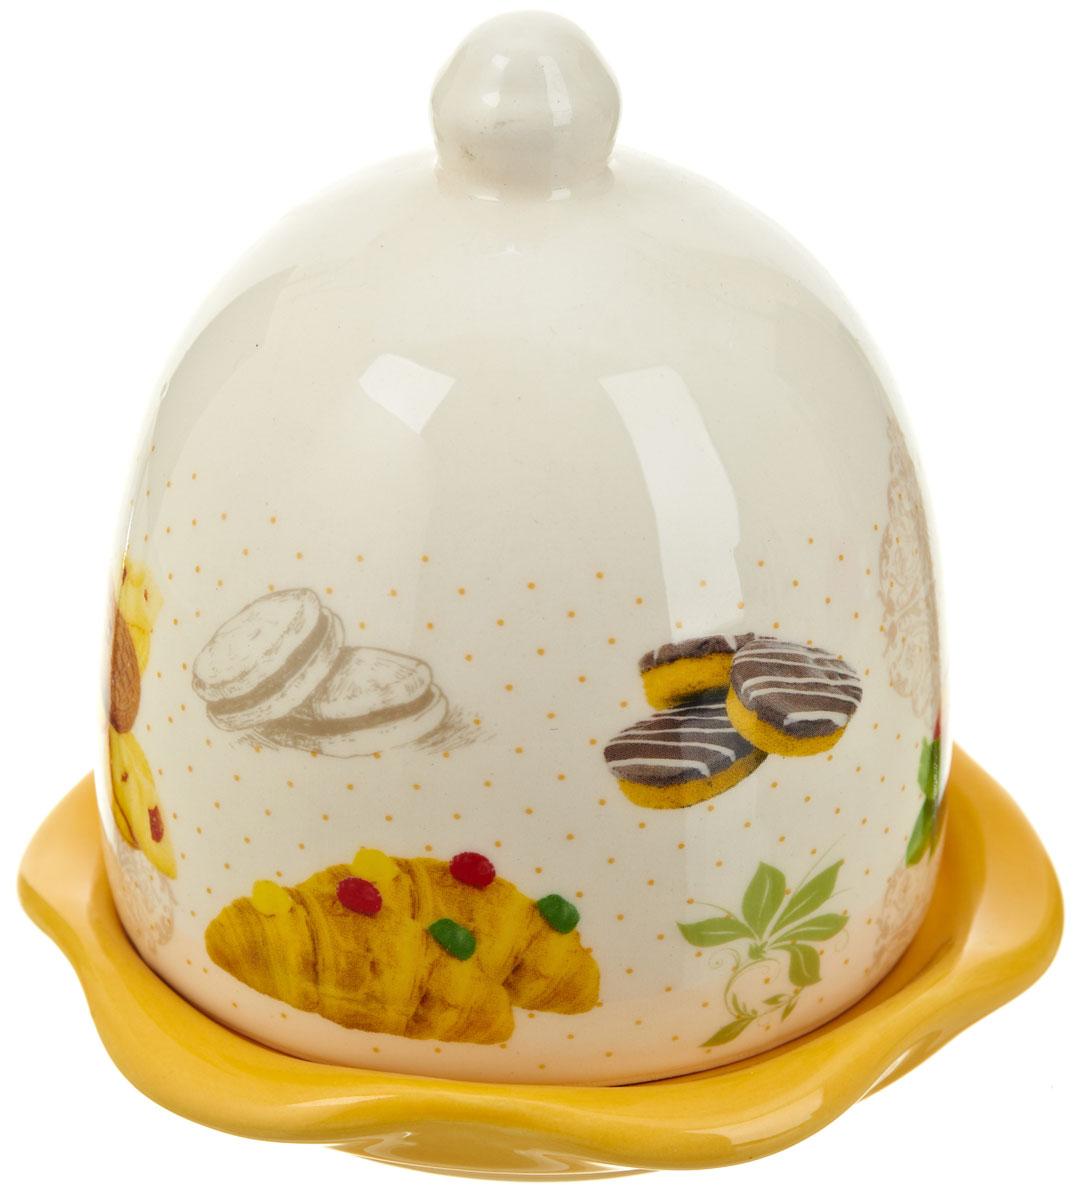 Лимонница Polystar ХлебVT-1520(SR)Лимонница Хлеб выполнена из высококачественной керамики и состоит из блюдца и крышки. Оригинальный дизайн, несомненно, придется вам по вкусу. Лимонница Хлеб поможет сохранить свежесть лимона на длительный срок.